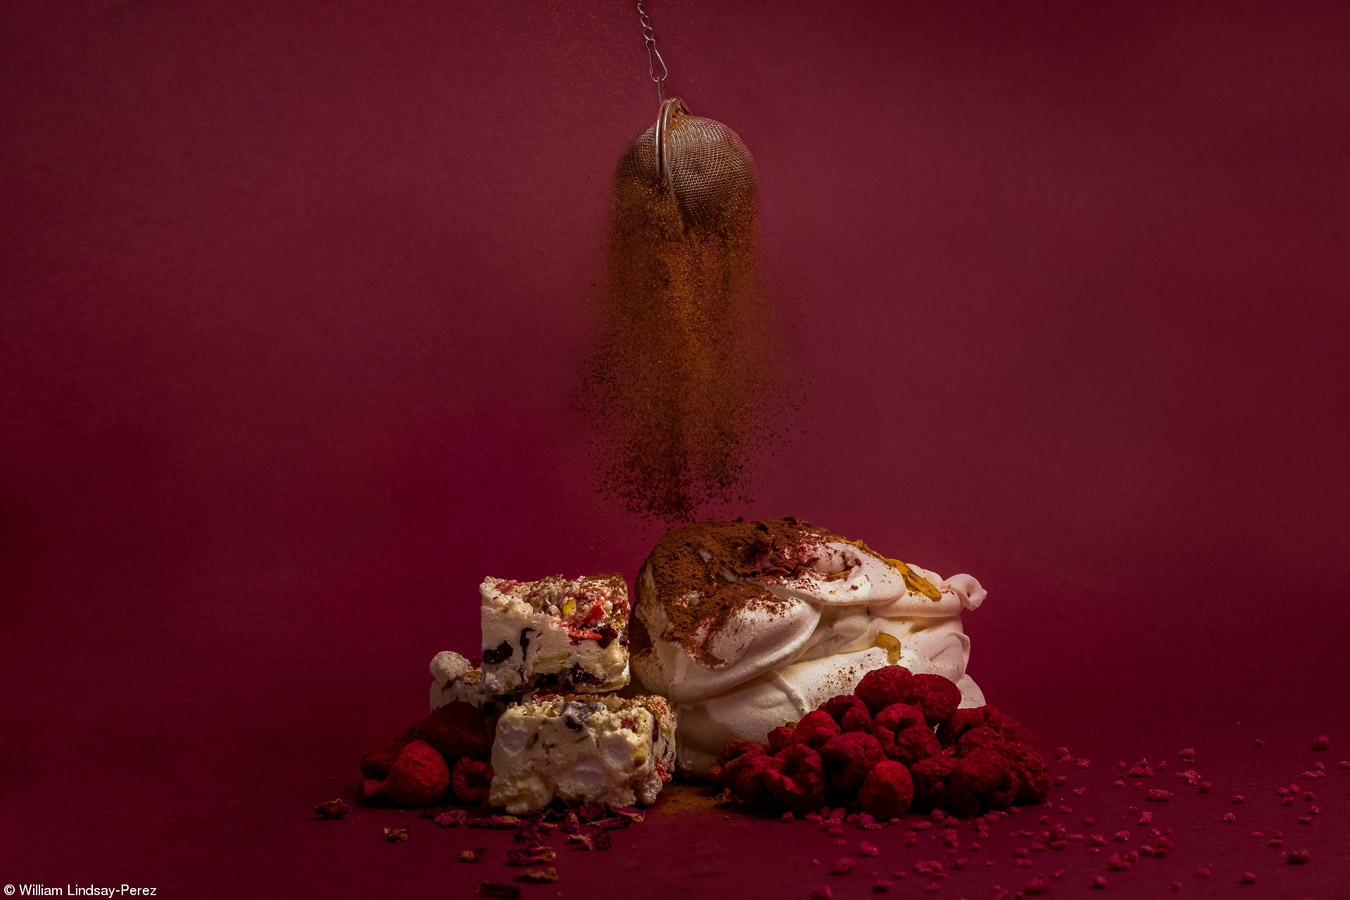 Последние штрихи, © Уильям Линдсей-Перес, Великобритания, 1-е место, категория «Юный фотограф, 15–17 лет», Фотоконкурс Pink Lady Food